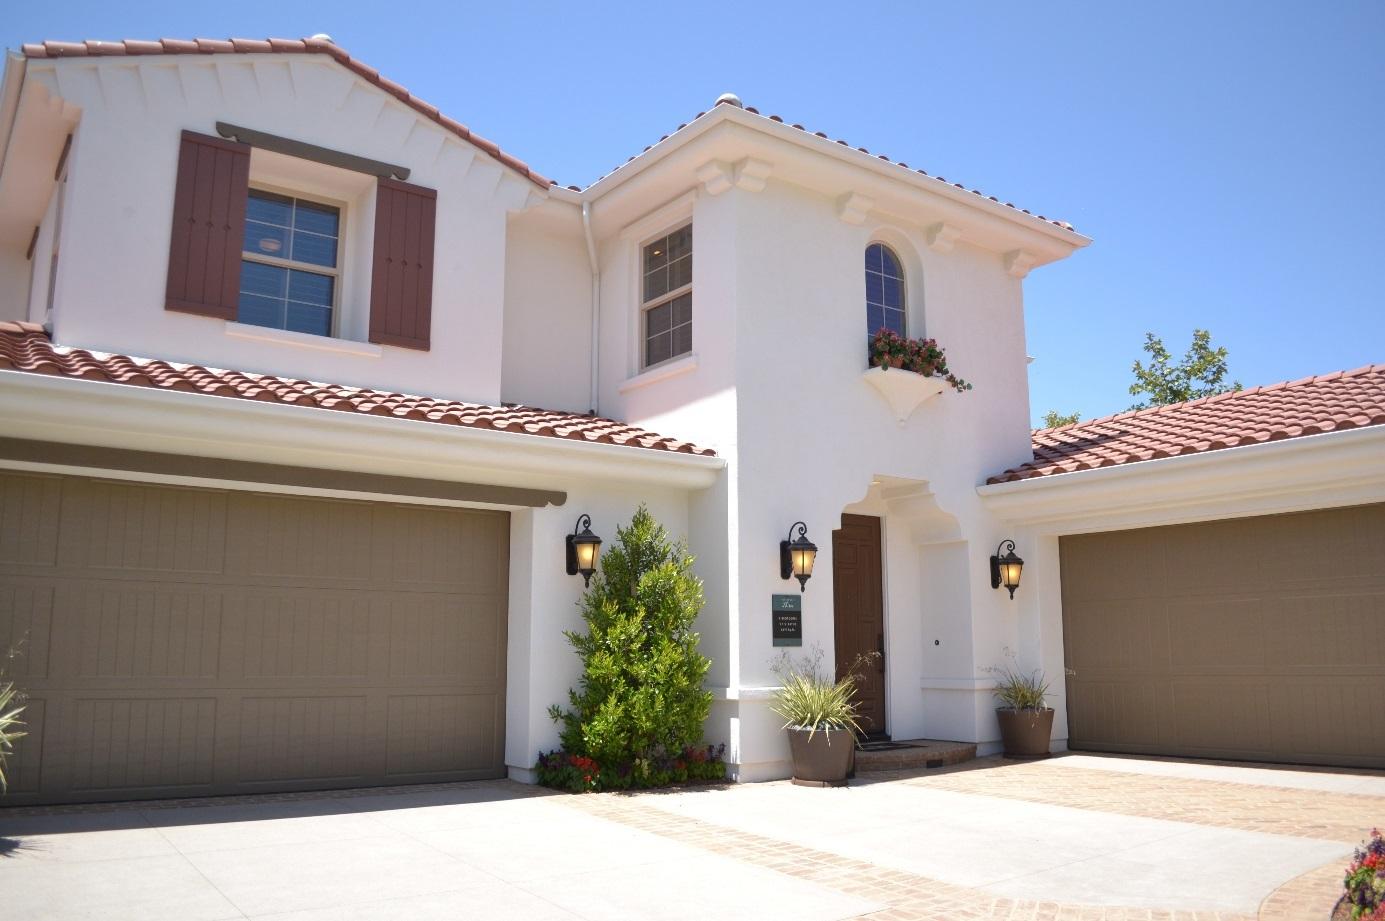 Ein Haus mit weißer Fassade und zwei Garagen.